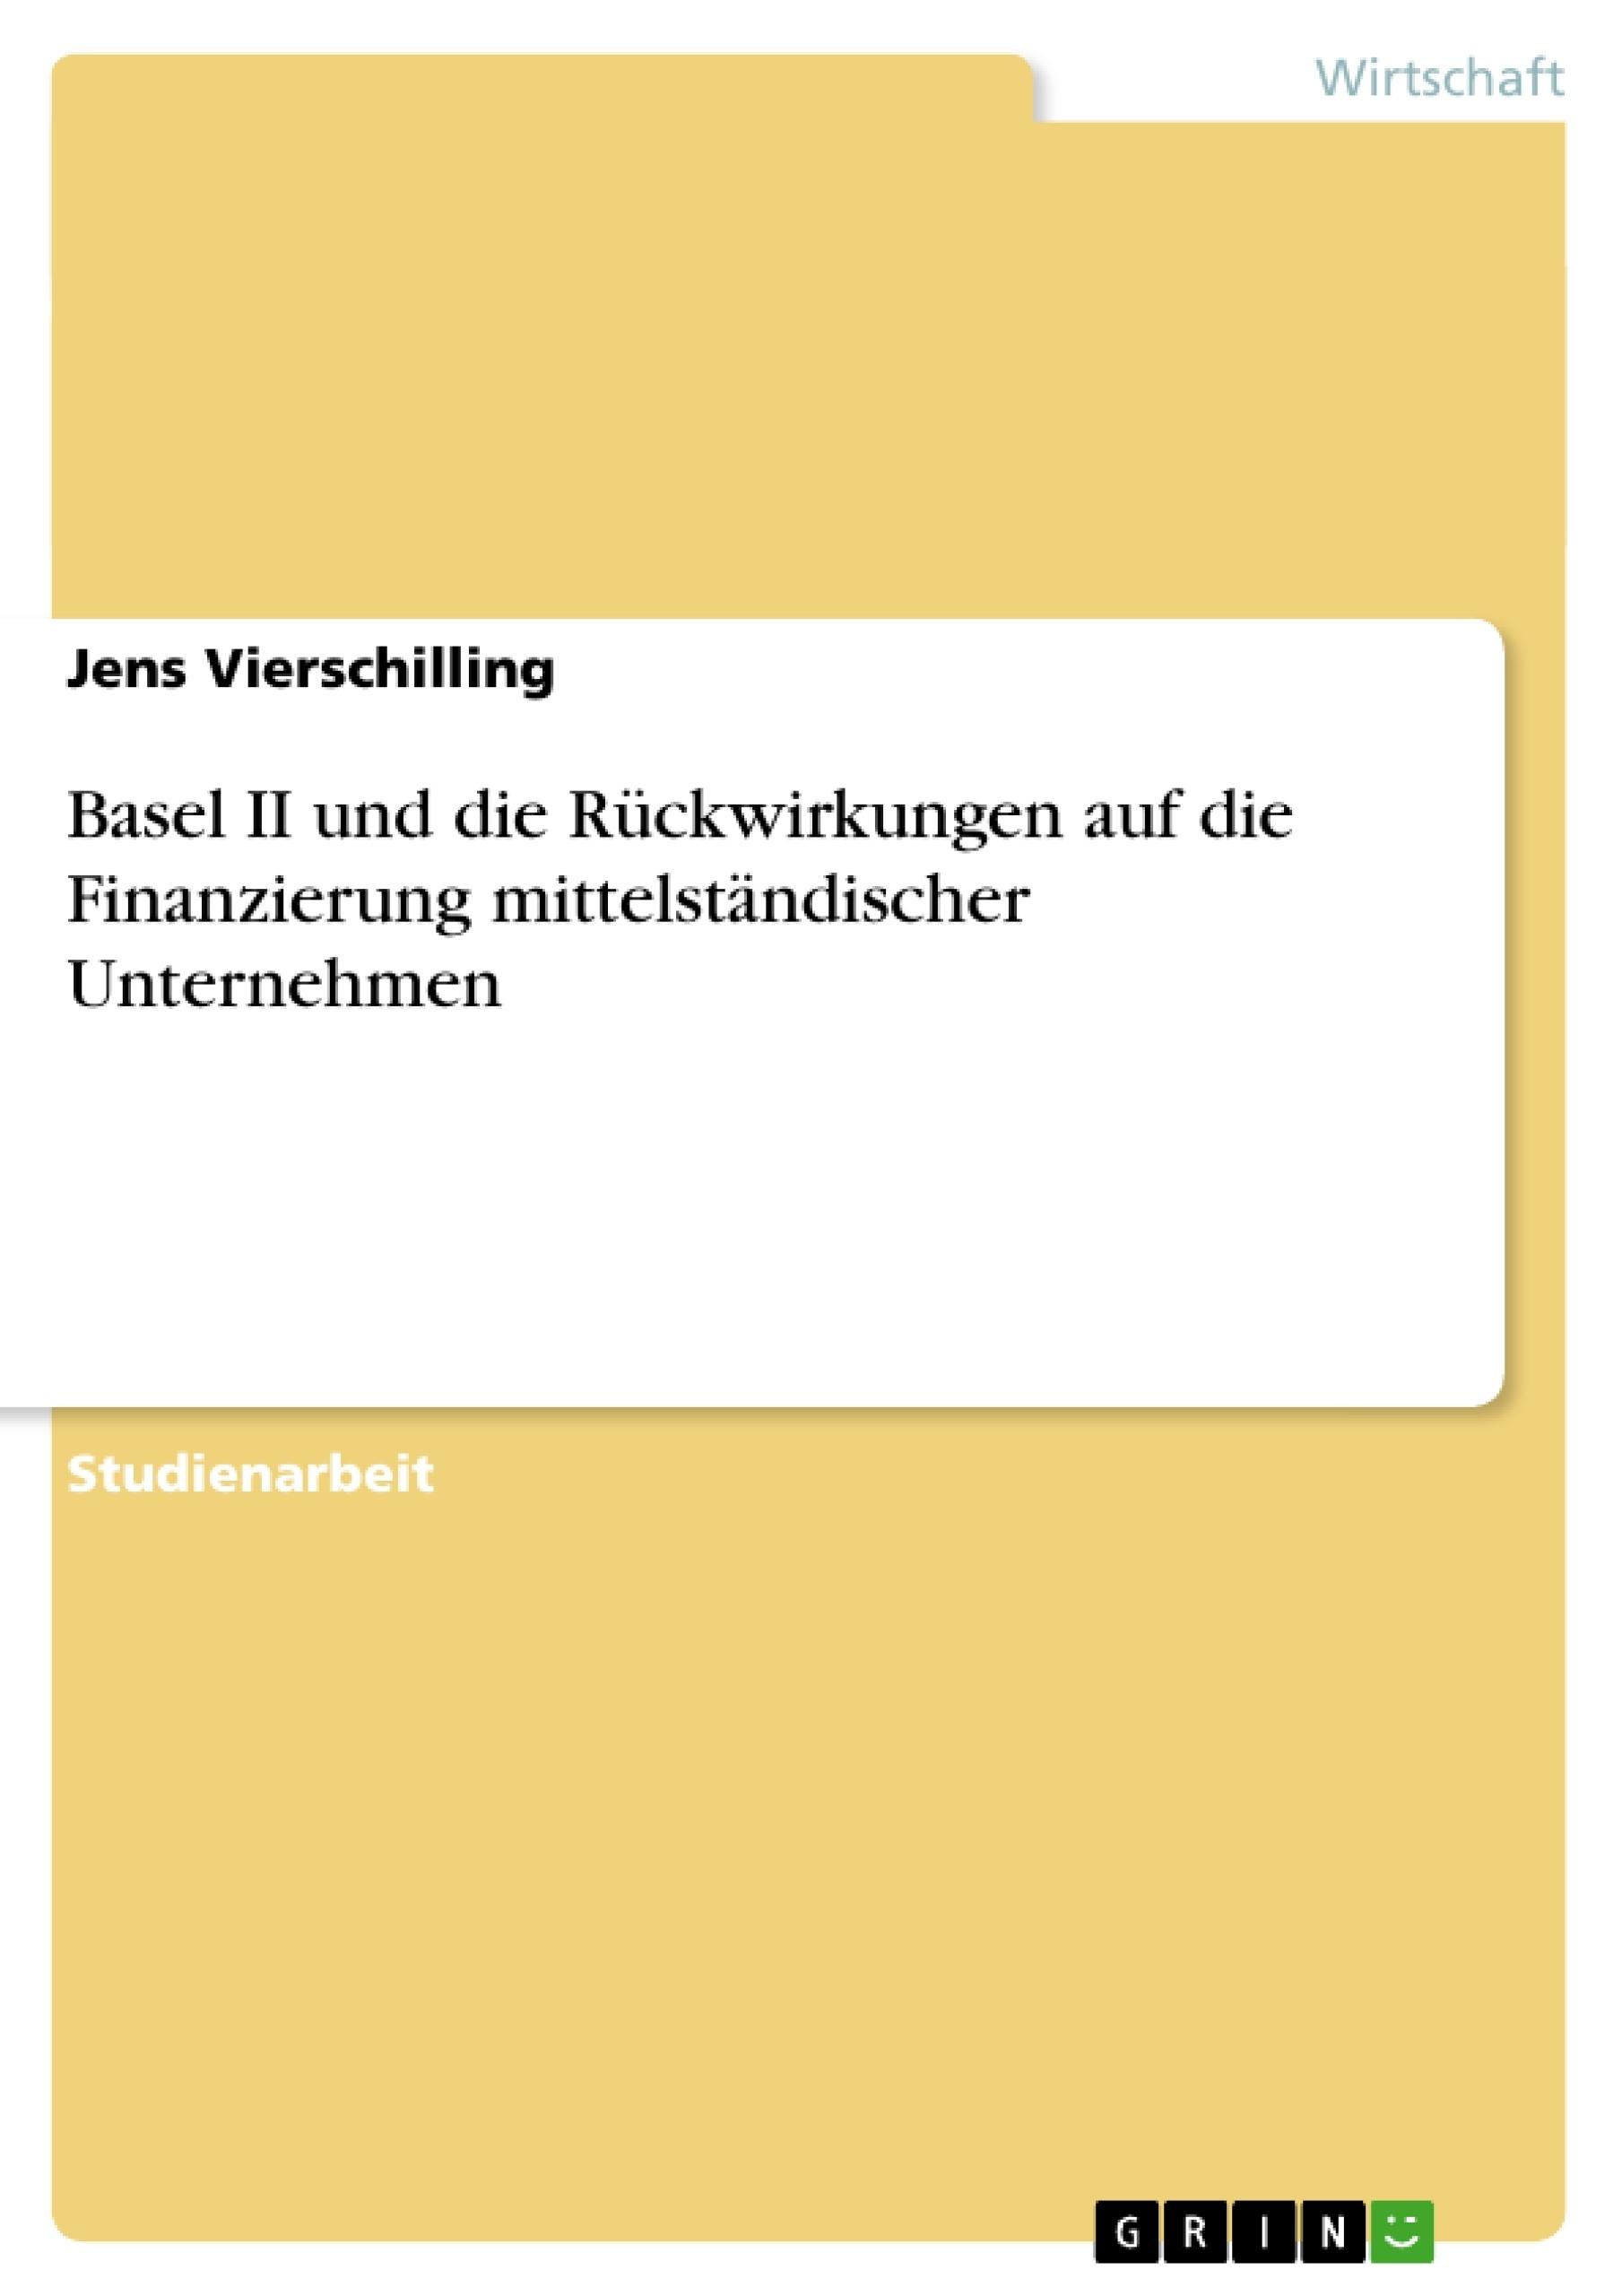 Titel: Basel II und die Rückwirkungen auf die Finanzierung mittelständischer Unternehmen